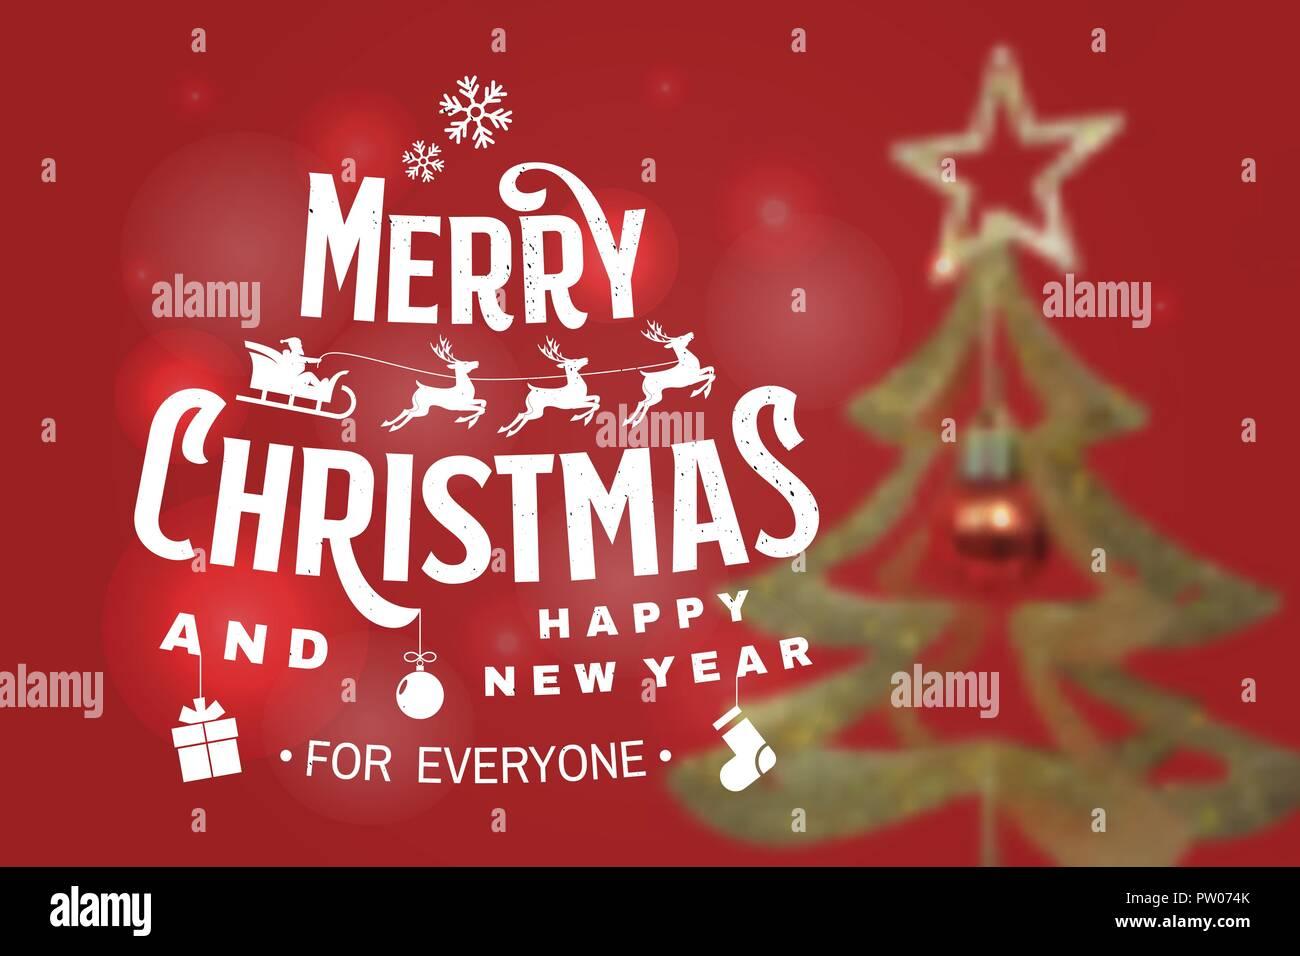 Weihnachten Geschenke 2019.Frohe Weihnachten Und Ein Glückliches Neues Jahr 2019 Stempel